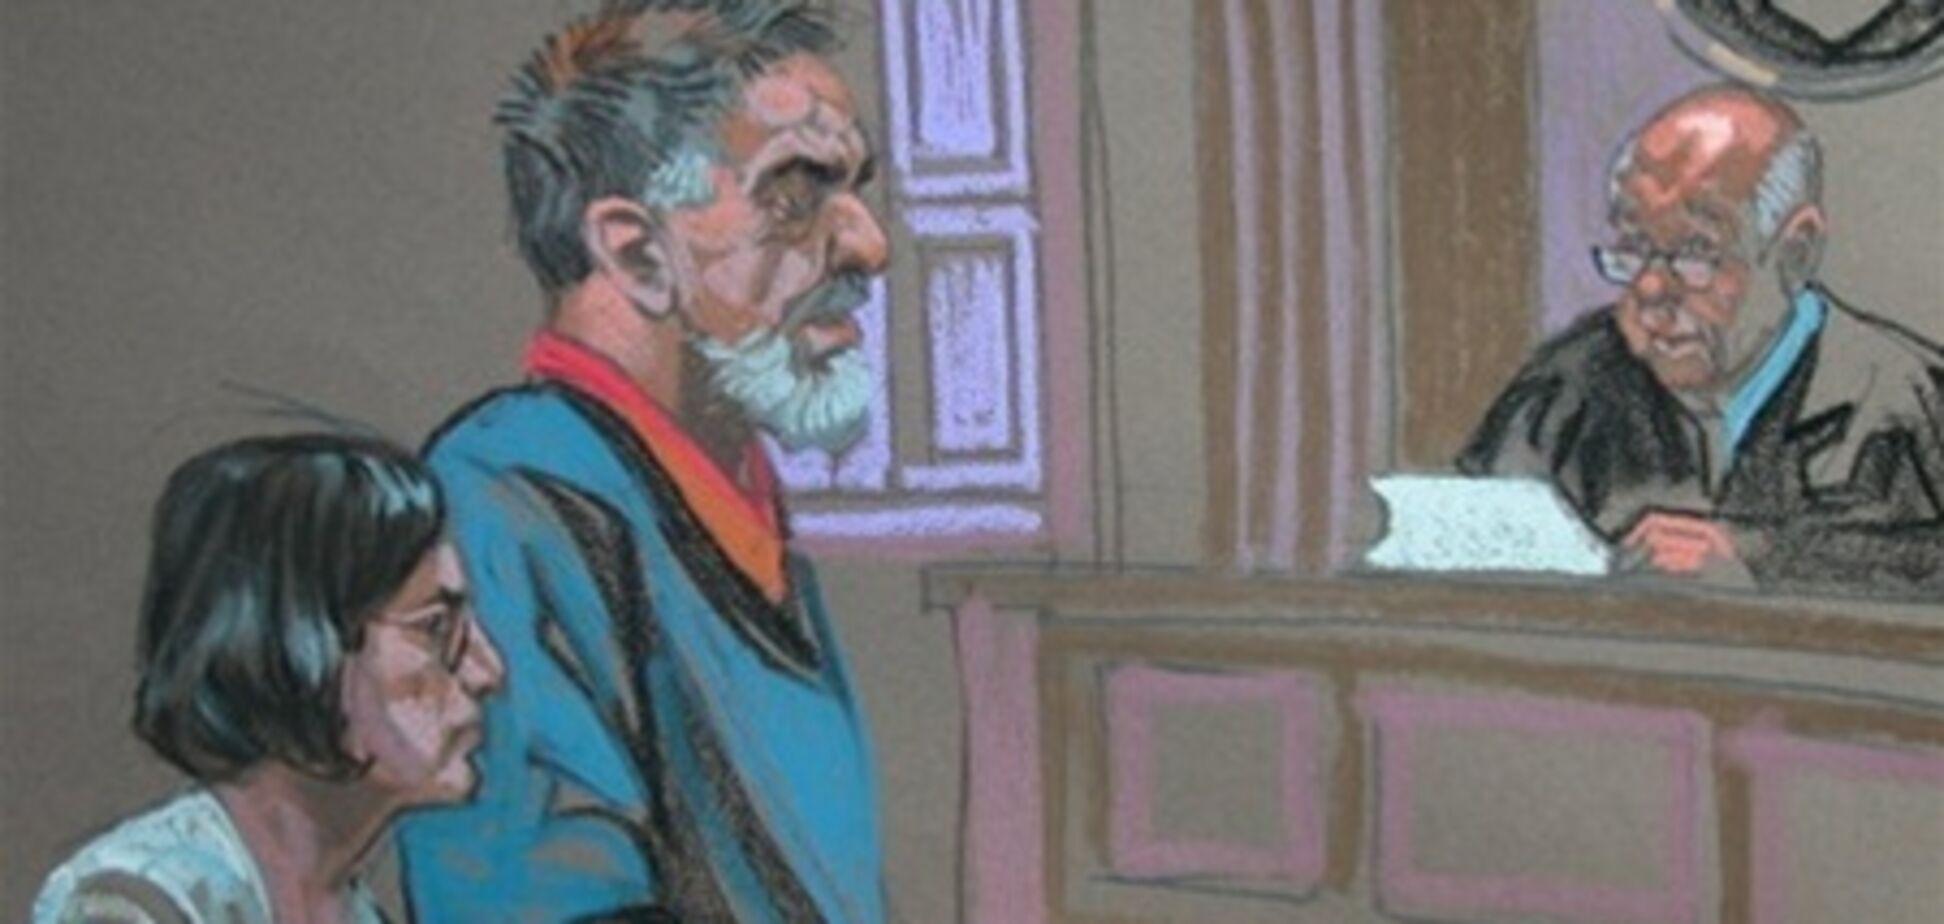 Американец получил 25 лет за планы убийства саудовского посла